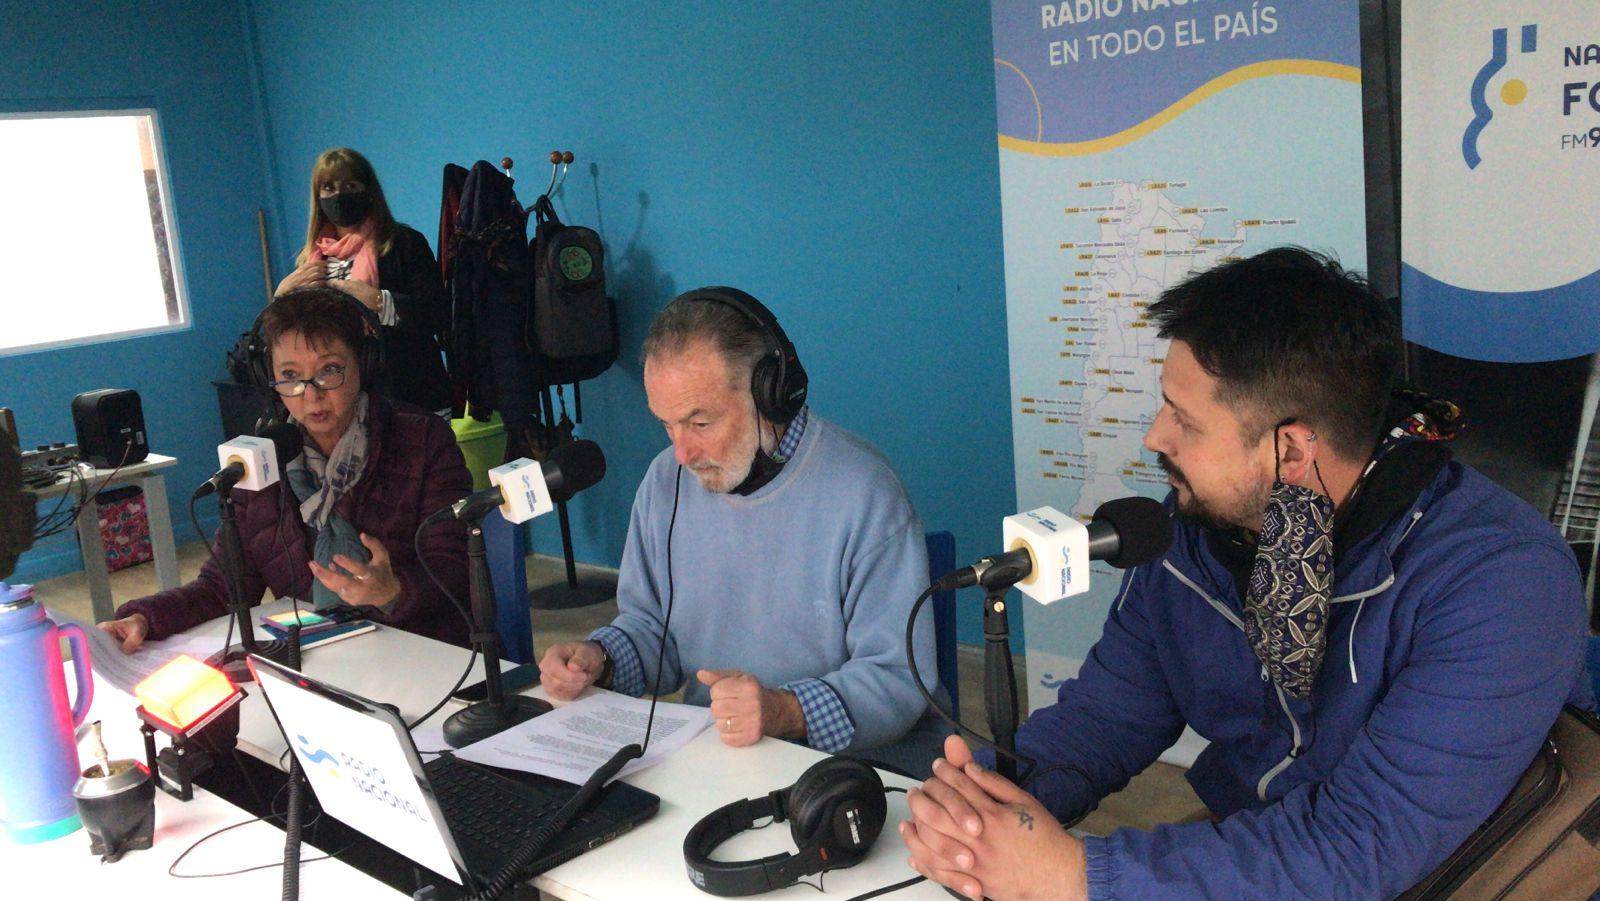 Luisa Valmaggia y Horacio Embón junto a Franco Ramírez